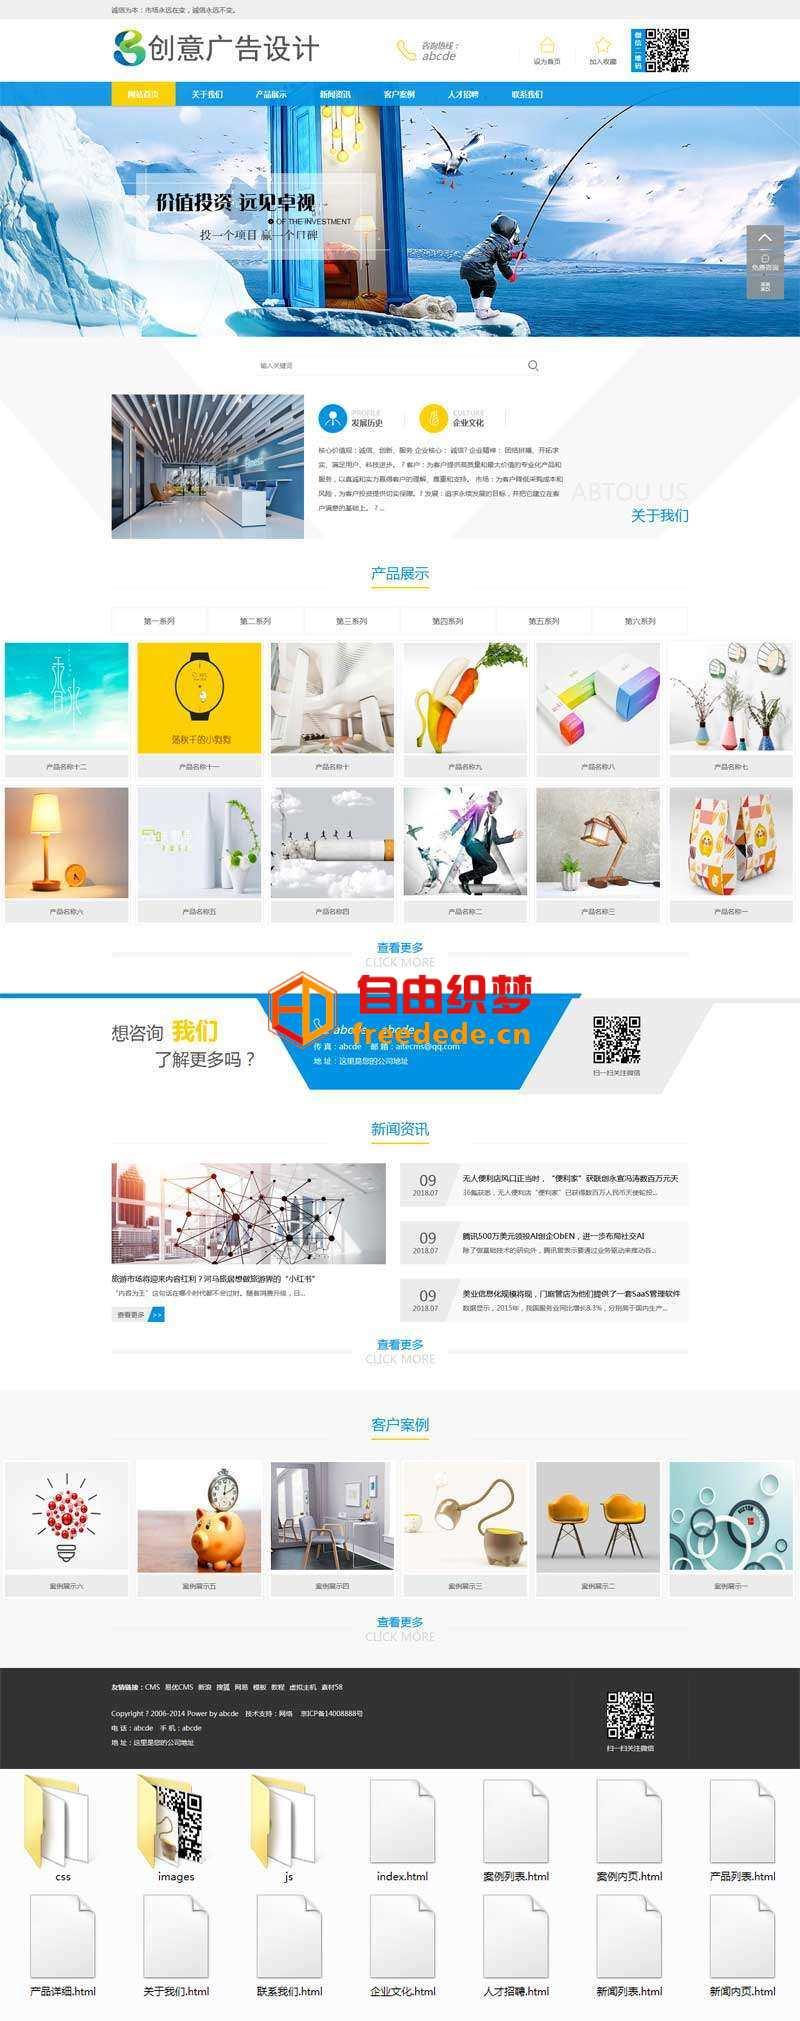 爱上源码网文章创意广告设计公司网页动画模板的内容插图